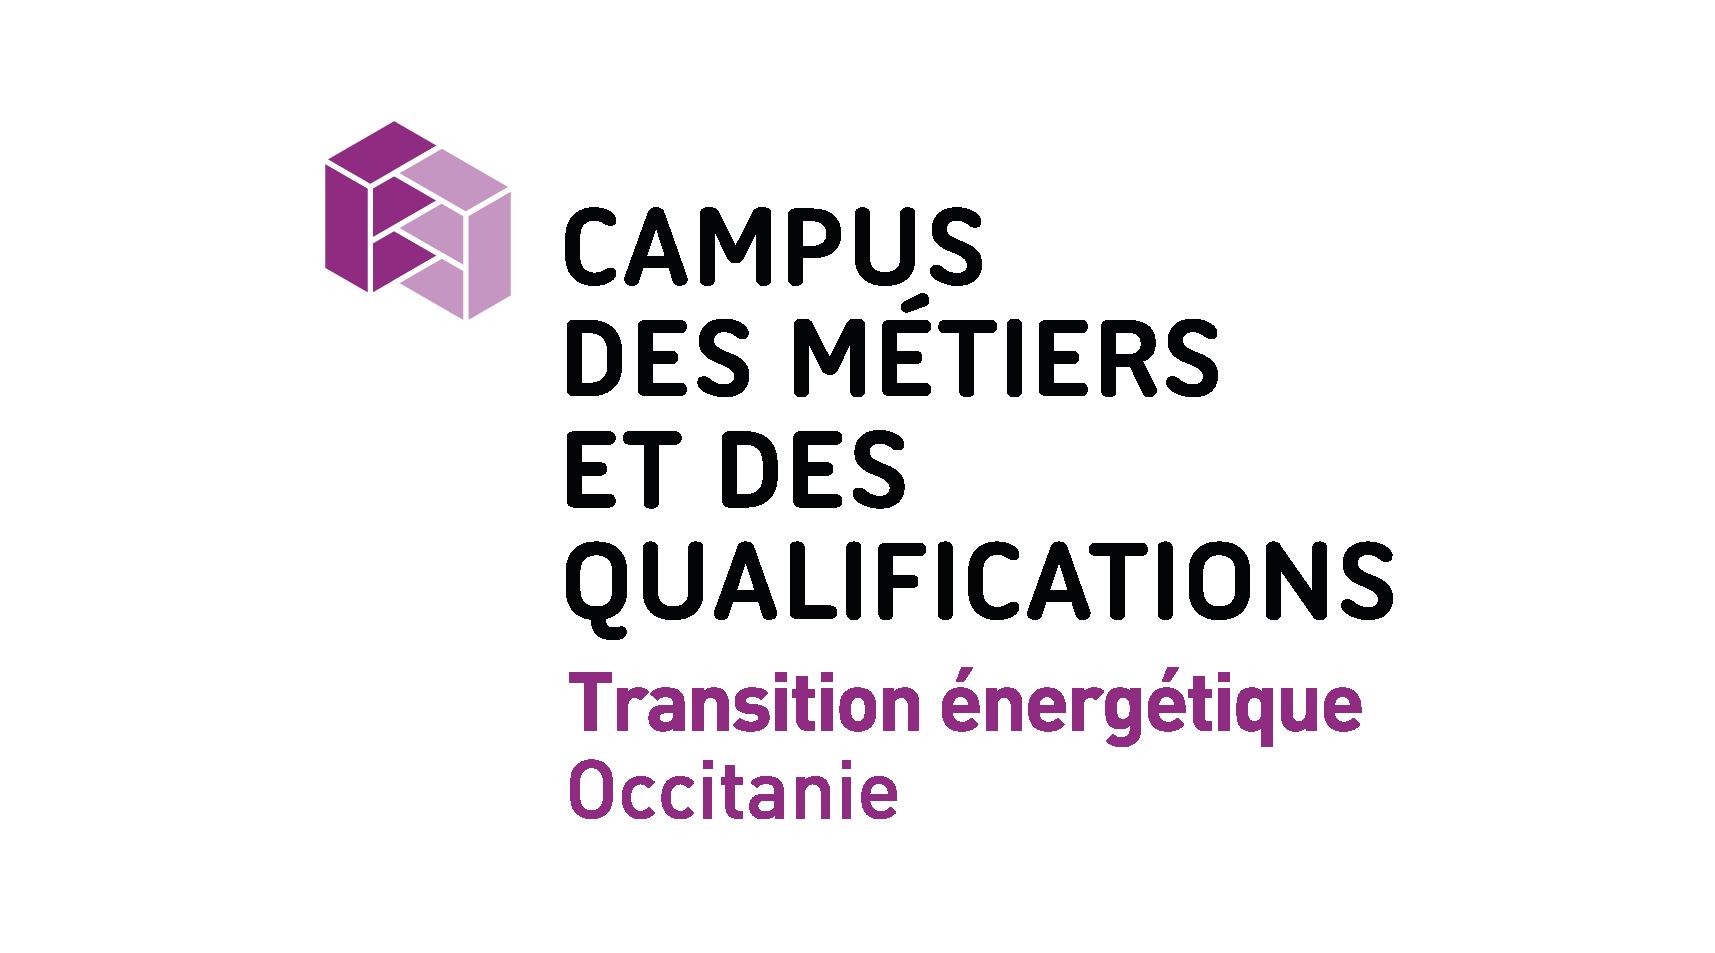 campus des métiers logos